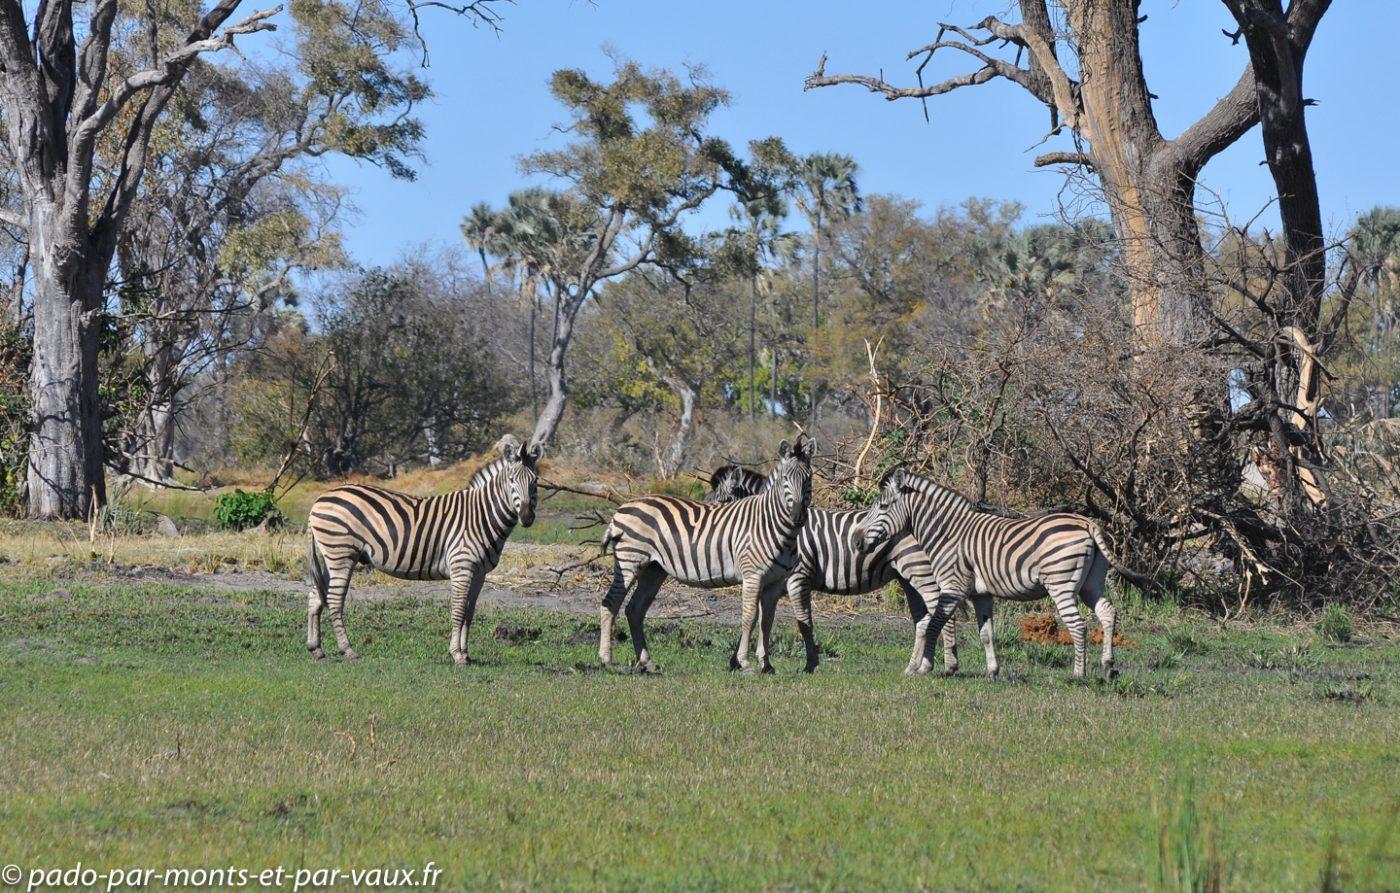 Botswana 2013 - Gunns camp - Zèbres